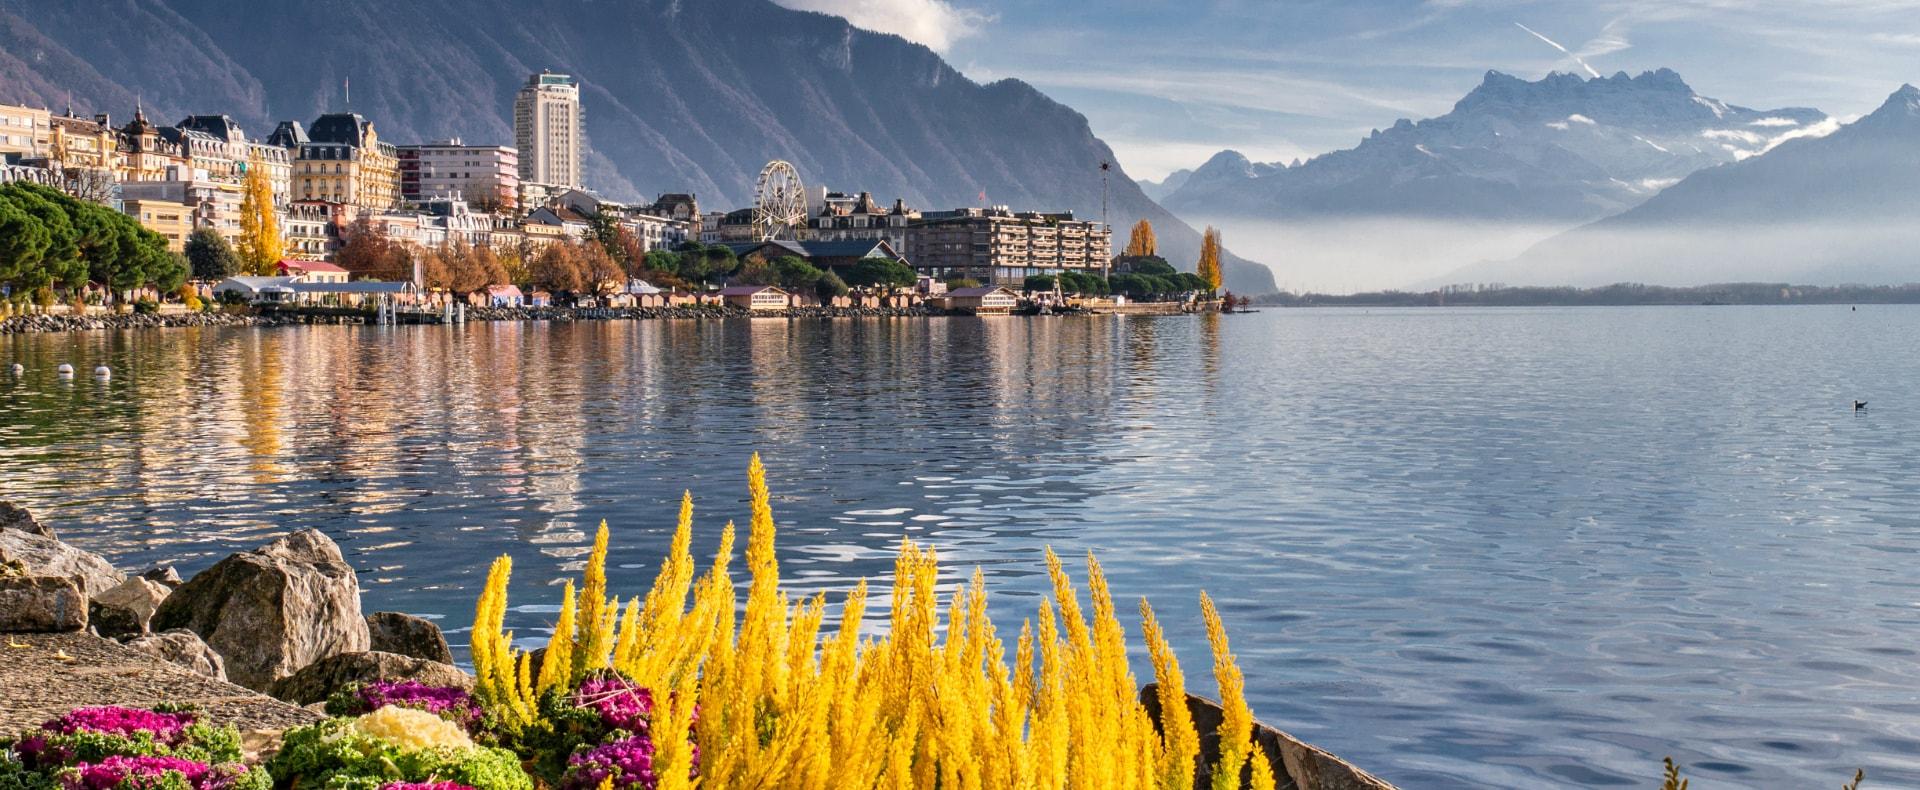 Montreux, Switzerland gallery